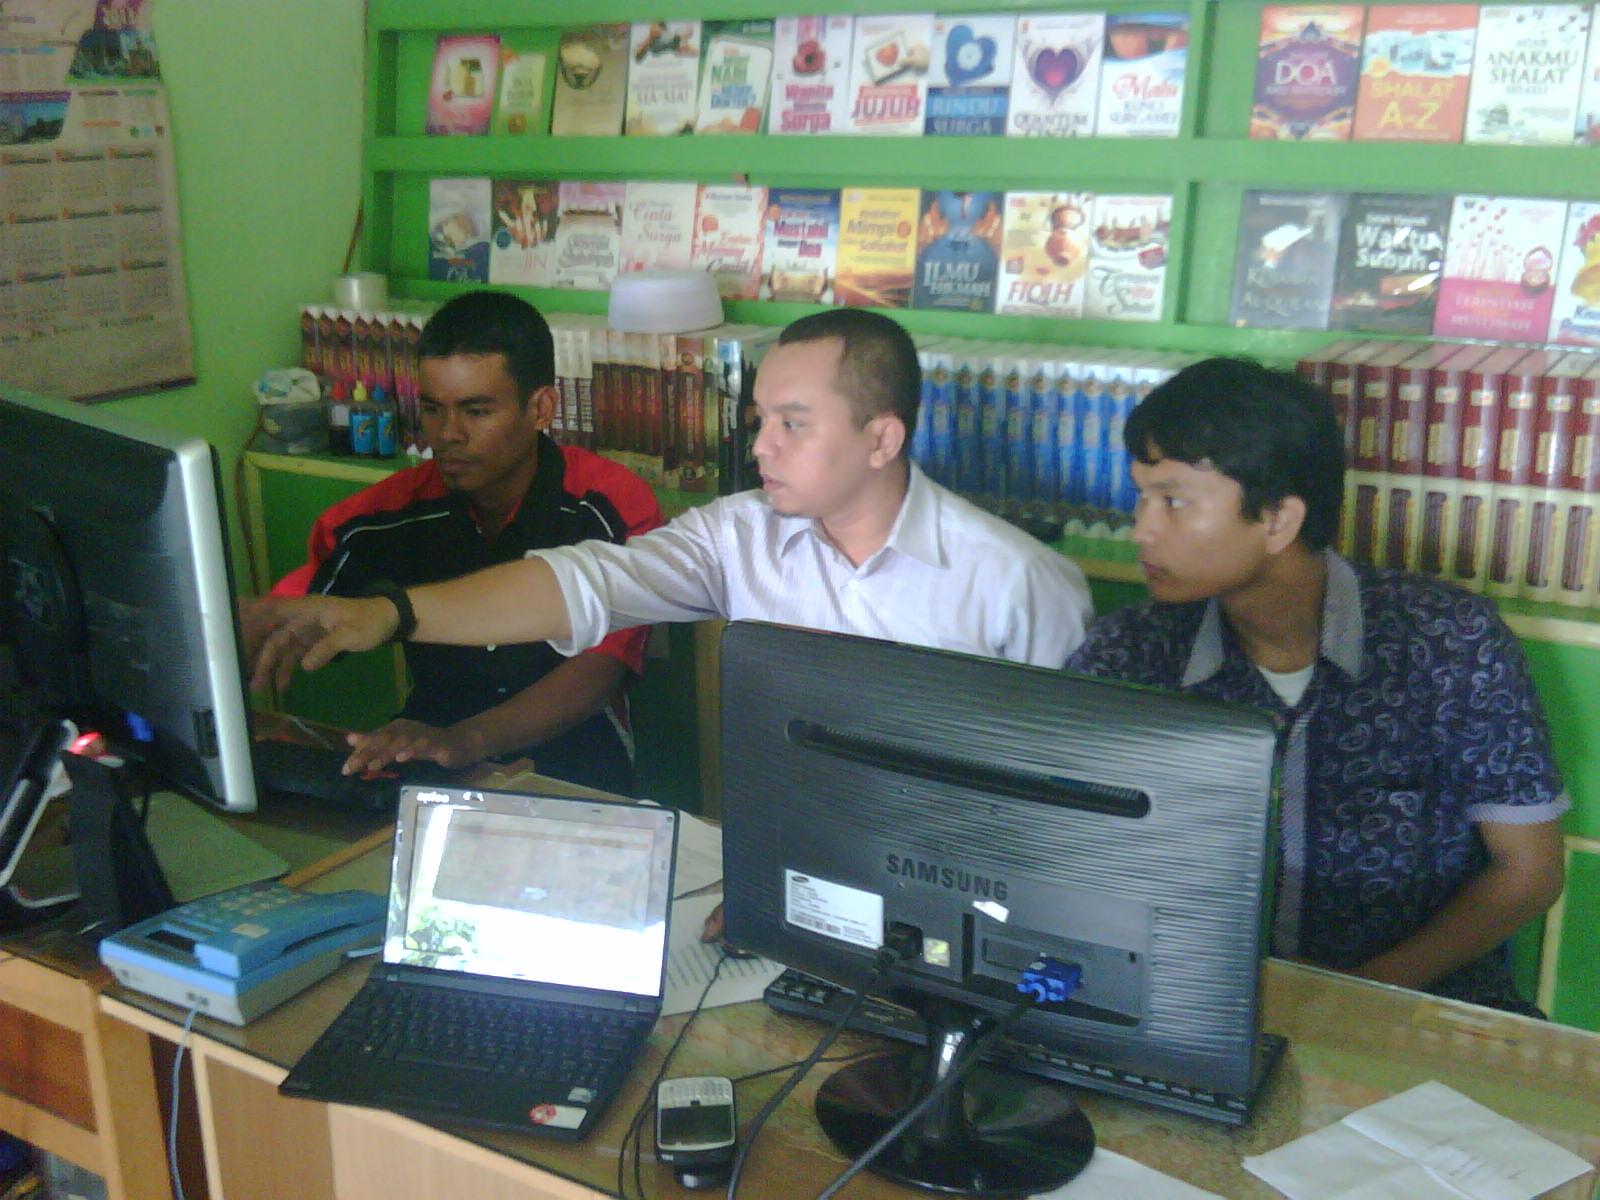 Jasa Pelatihan Bisnis Tour Travel Online | Bisnis Tiket ...